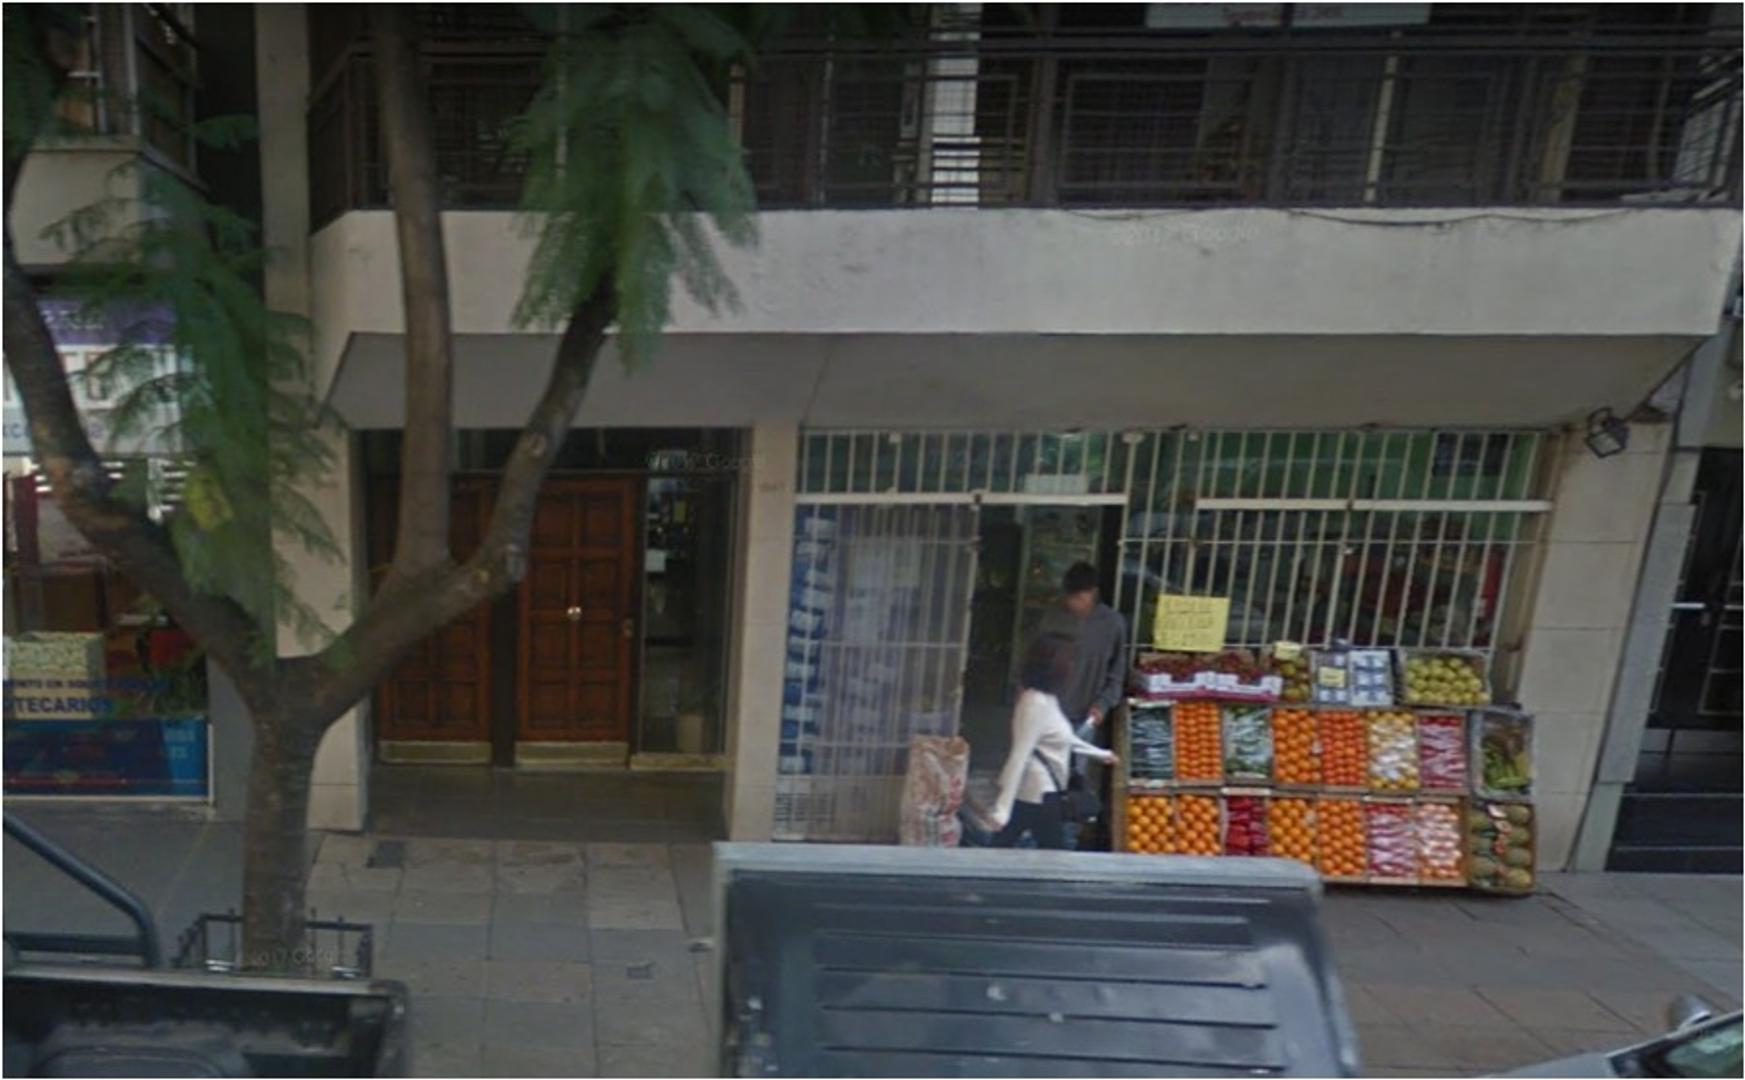 LOCAL COMERCIAL 46m2 ( Local 26 m2 y Sotano 20m2.) - VÍA PUBLICA - FRENTE VIDRIADO - VENTA